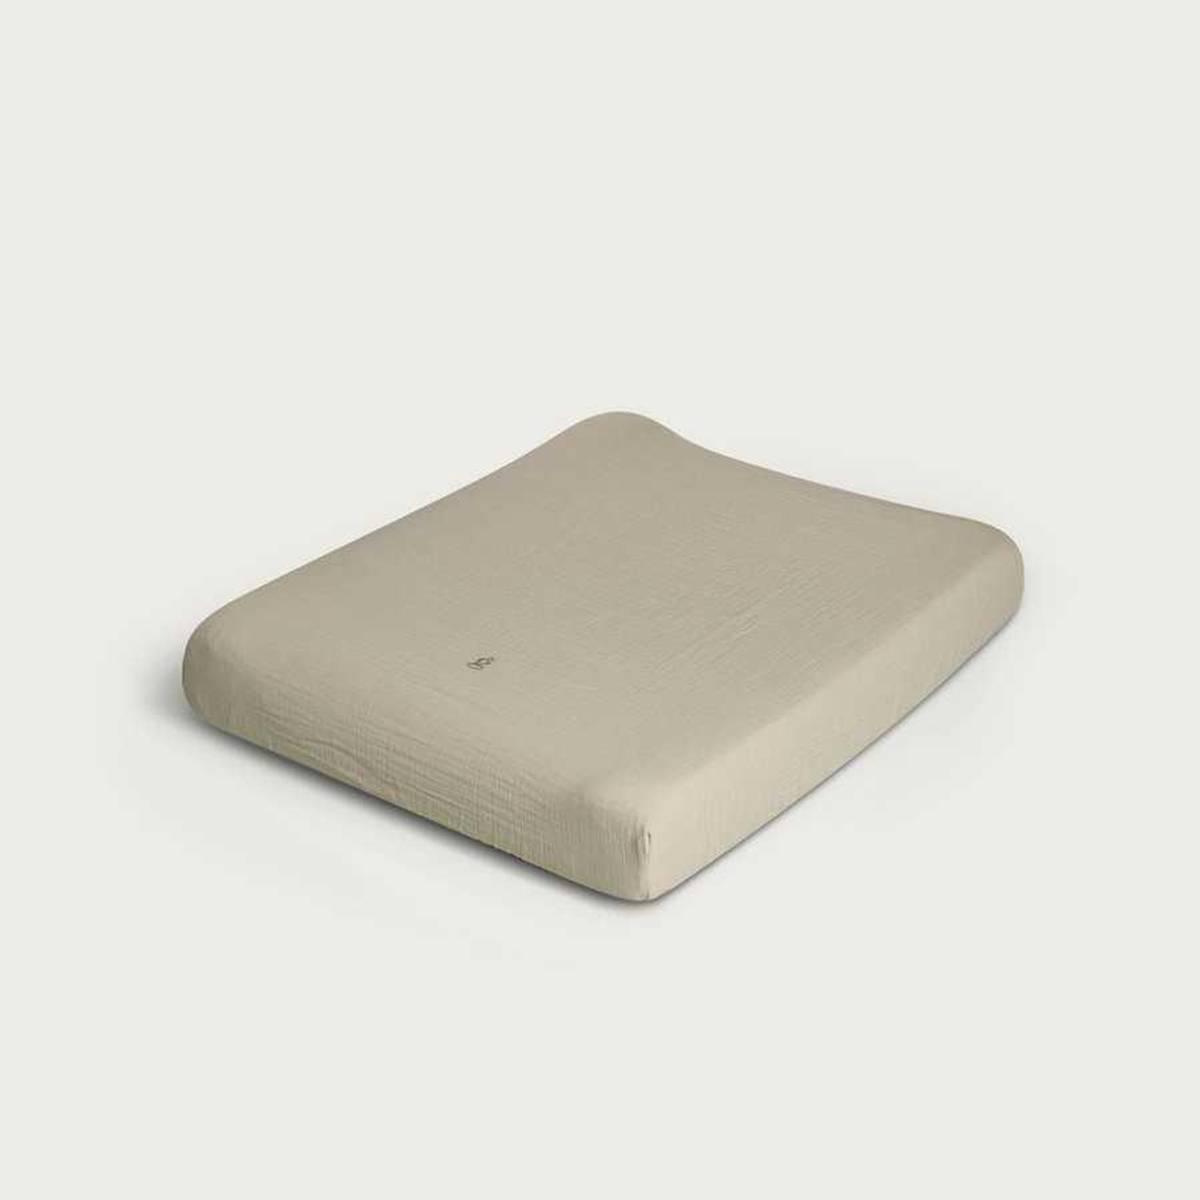 Trekk til Stellematte 50x70 - Garbo&Friends – Musselin - Olive